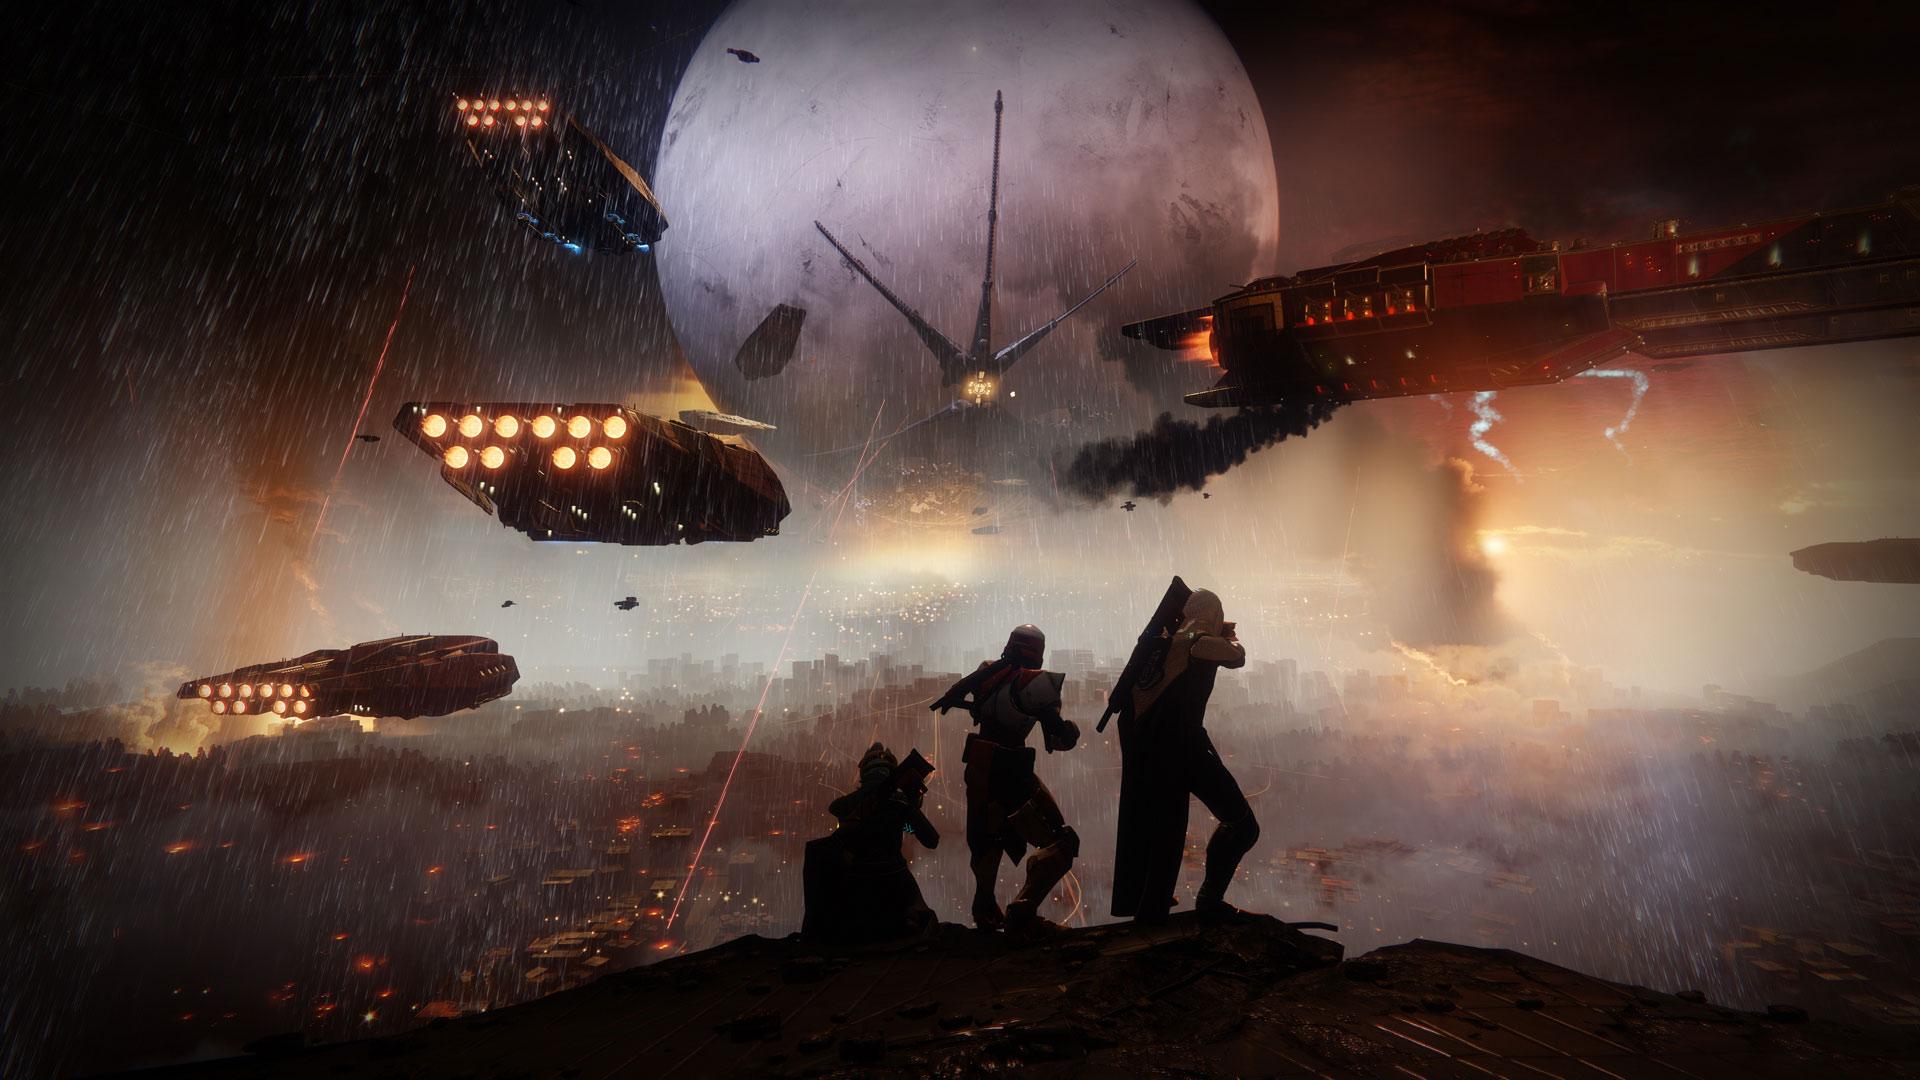 حجم نسخهی ایکسباکس وان Destiny 2 مشخص شد